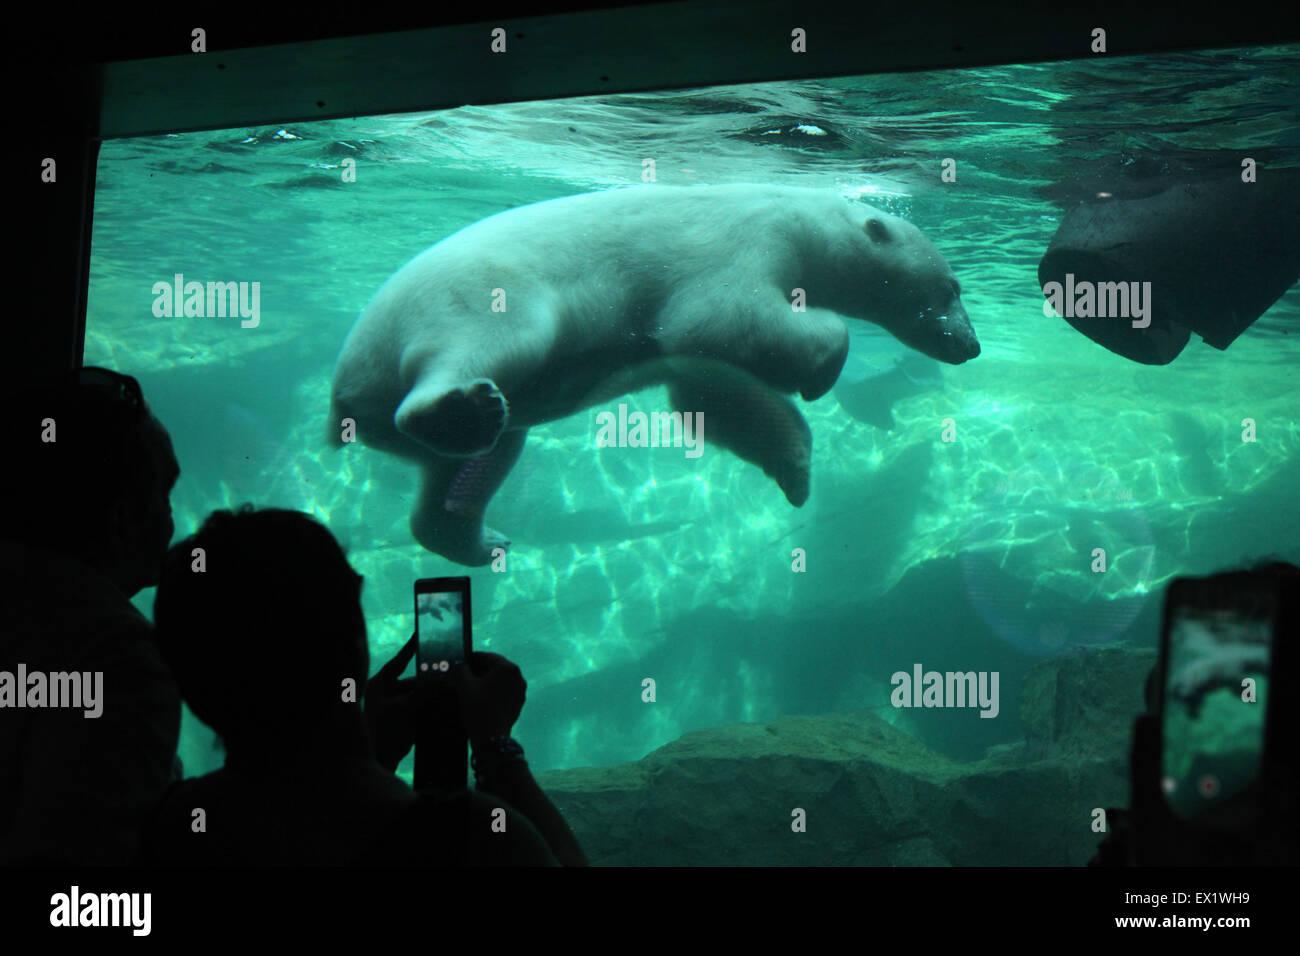 Besucher schauen als ein Eisbär (Ursus Maritimus) Tauchen im Schönbrunn Zoo in Wien, Österreich. Stockfoto